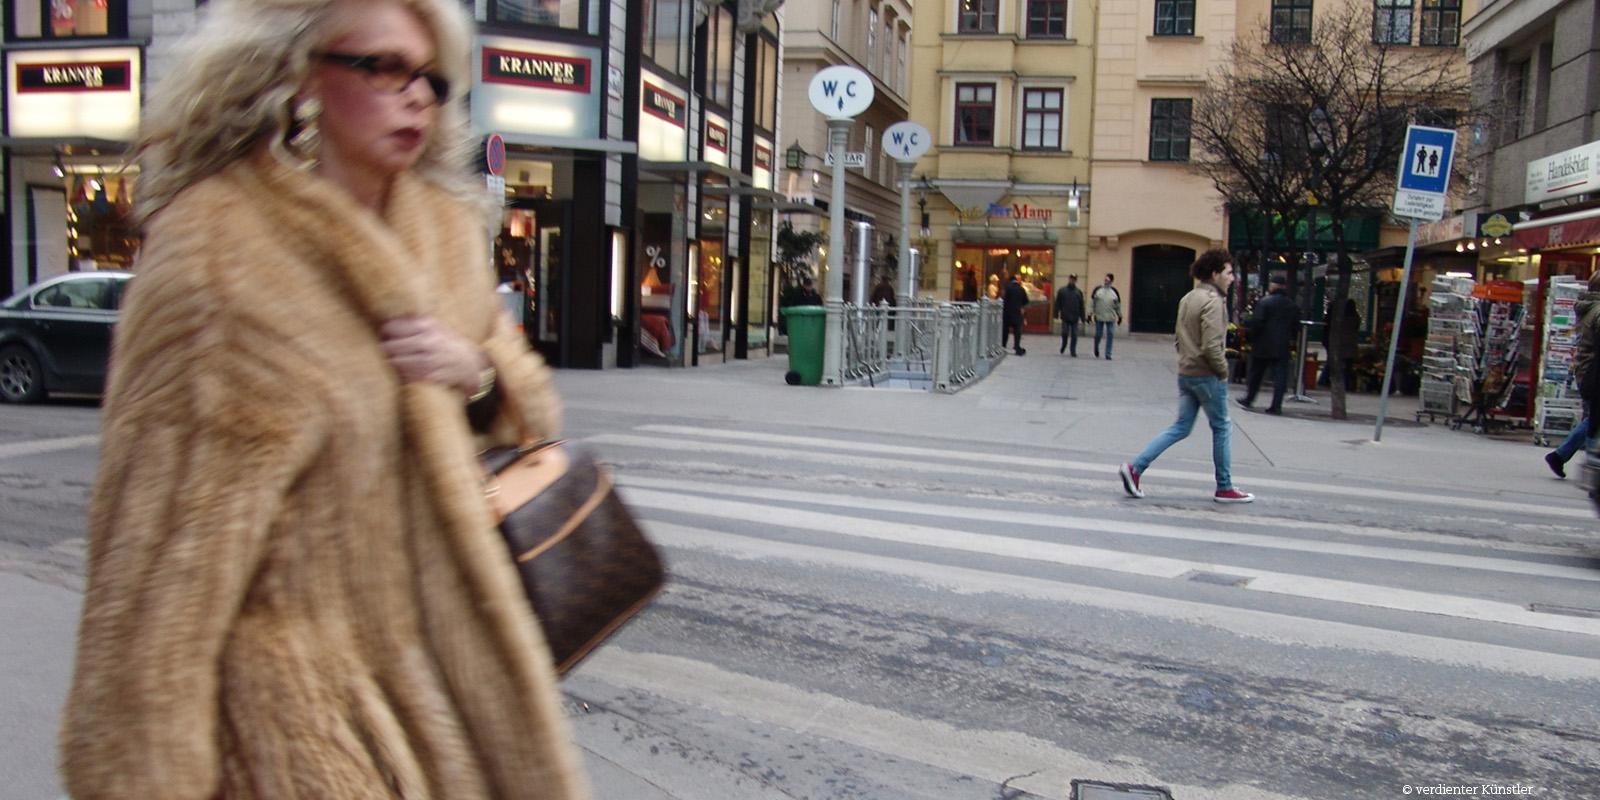 Die Pelzindustrie boomt. Wie wollten wissen: Warum tragen Sie Pelz?